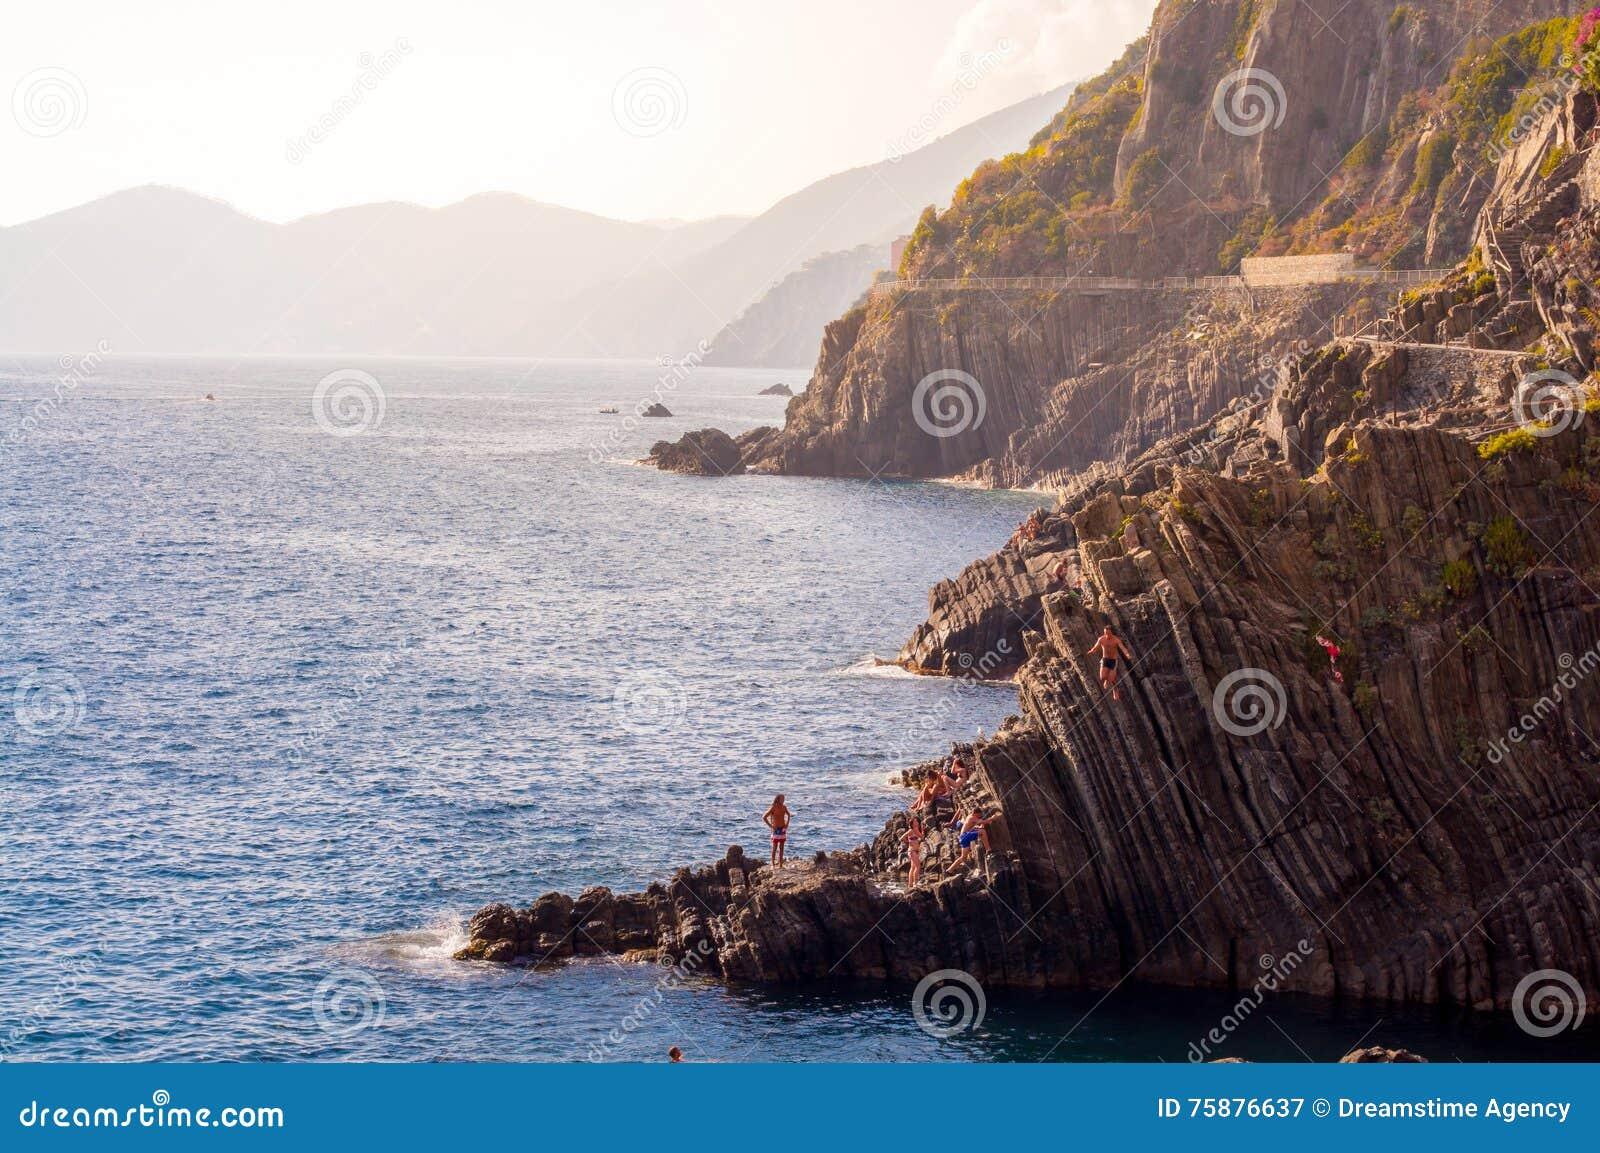 Diving from Riomaggiore cliffs